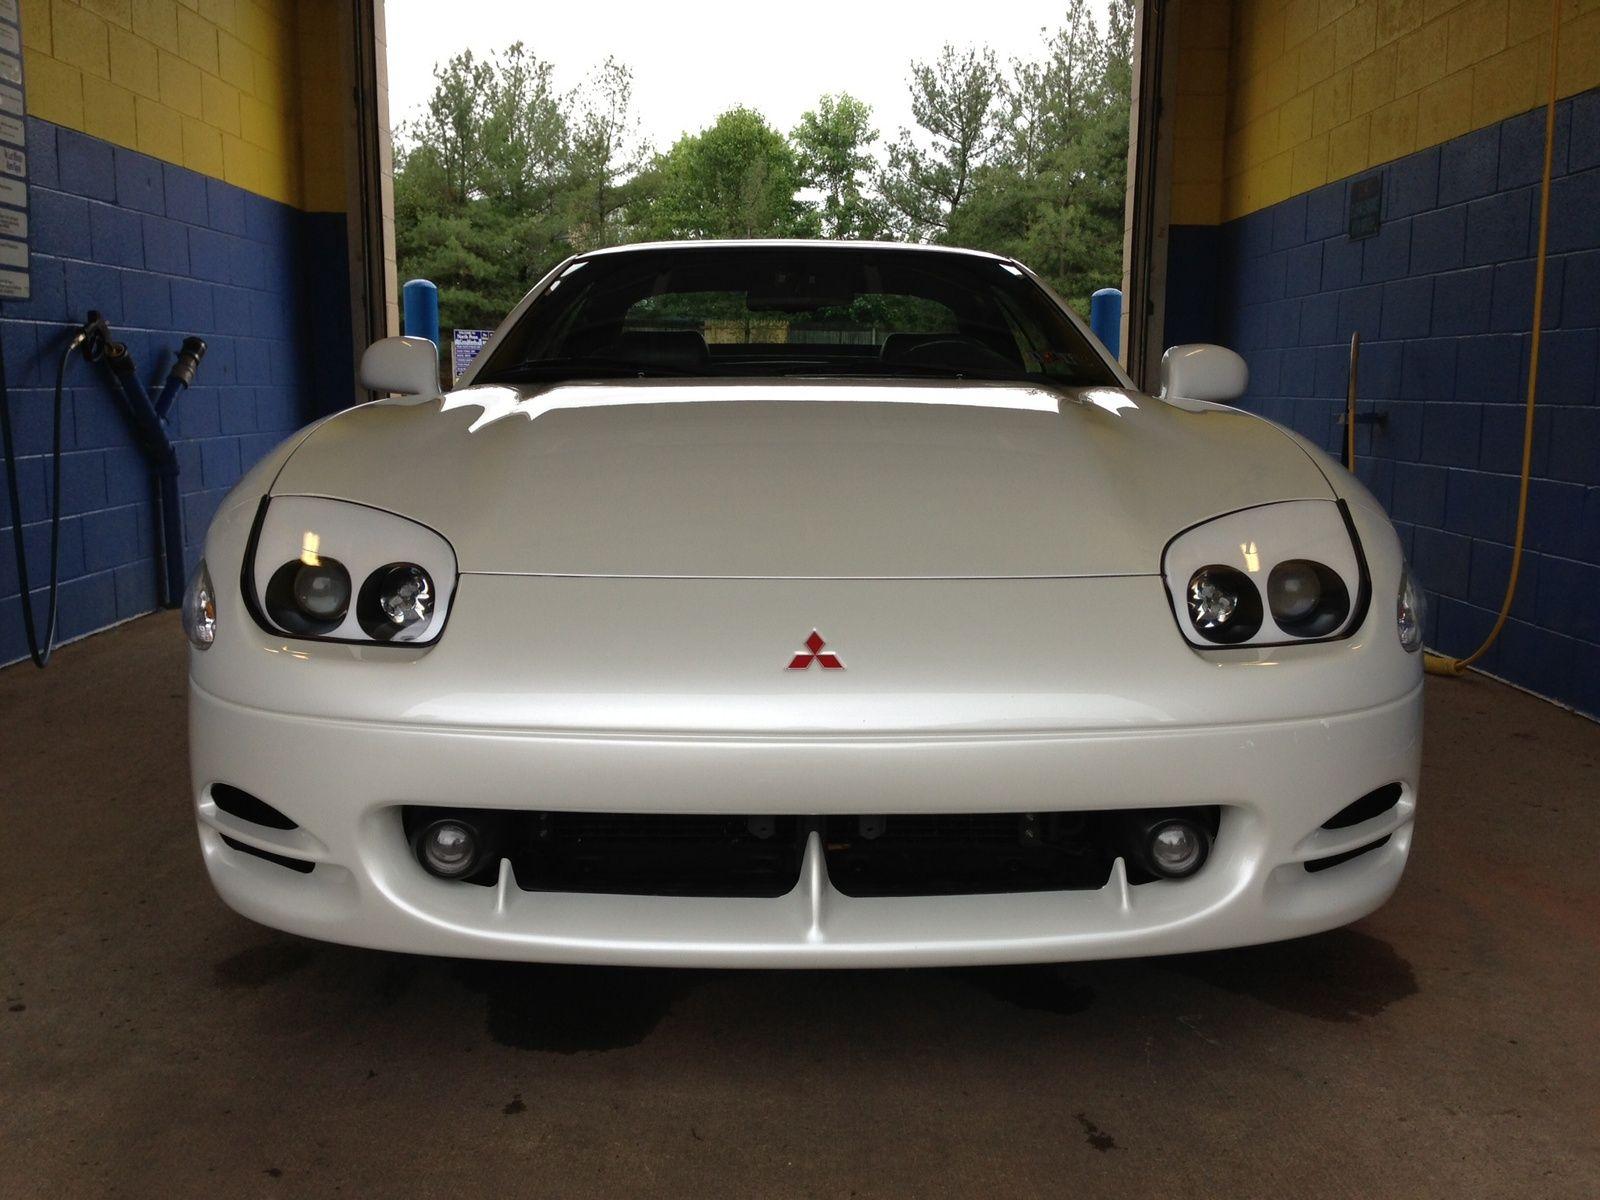 1995 mitsubishi 3000gt spyder vr4 in glacier white pearl turbo